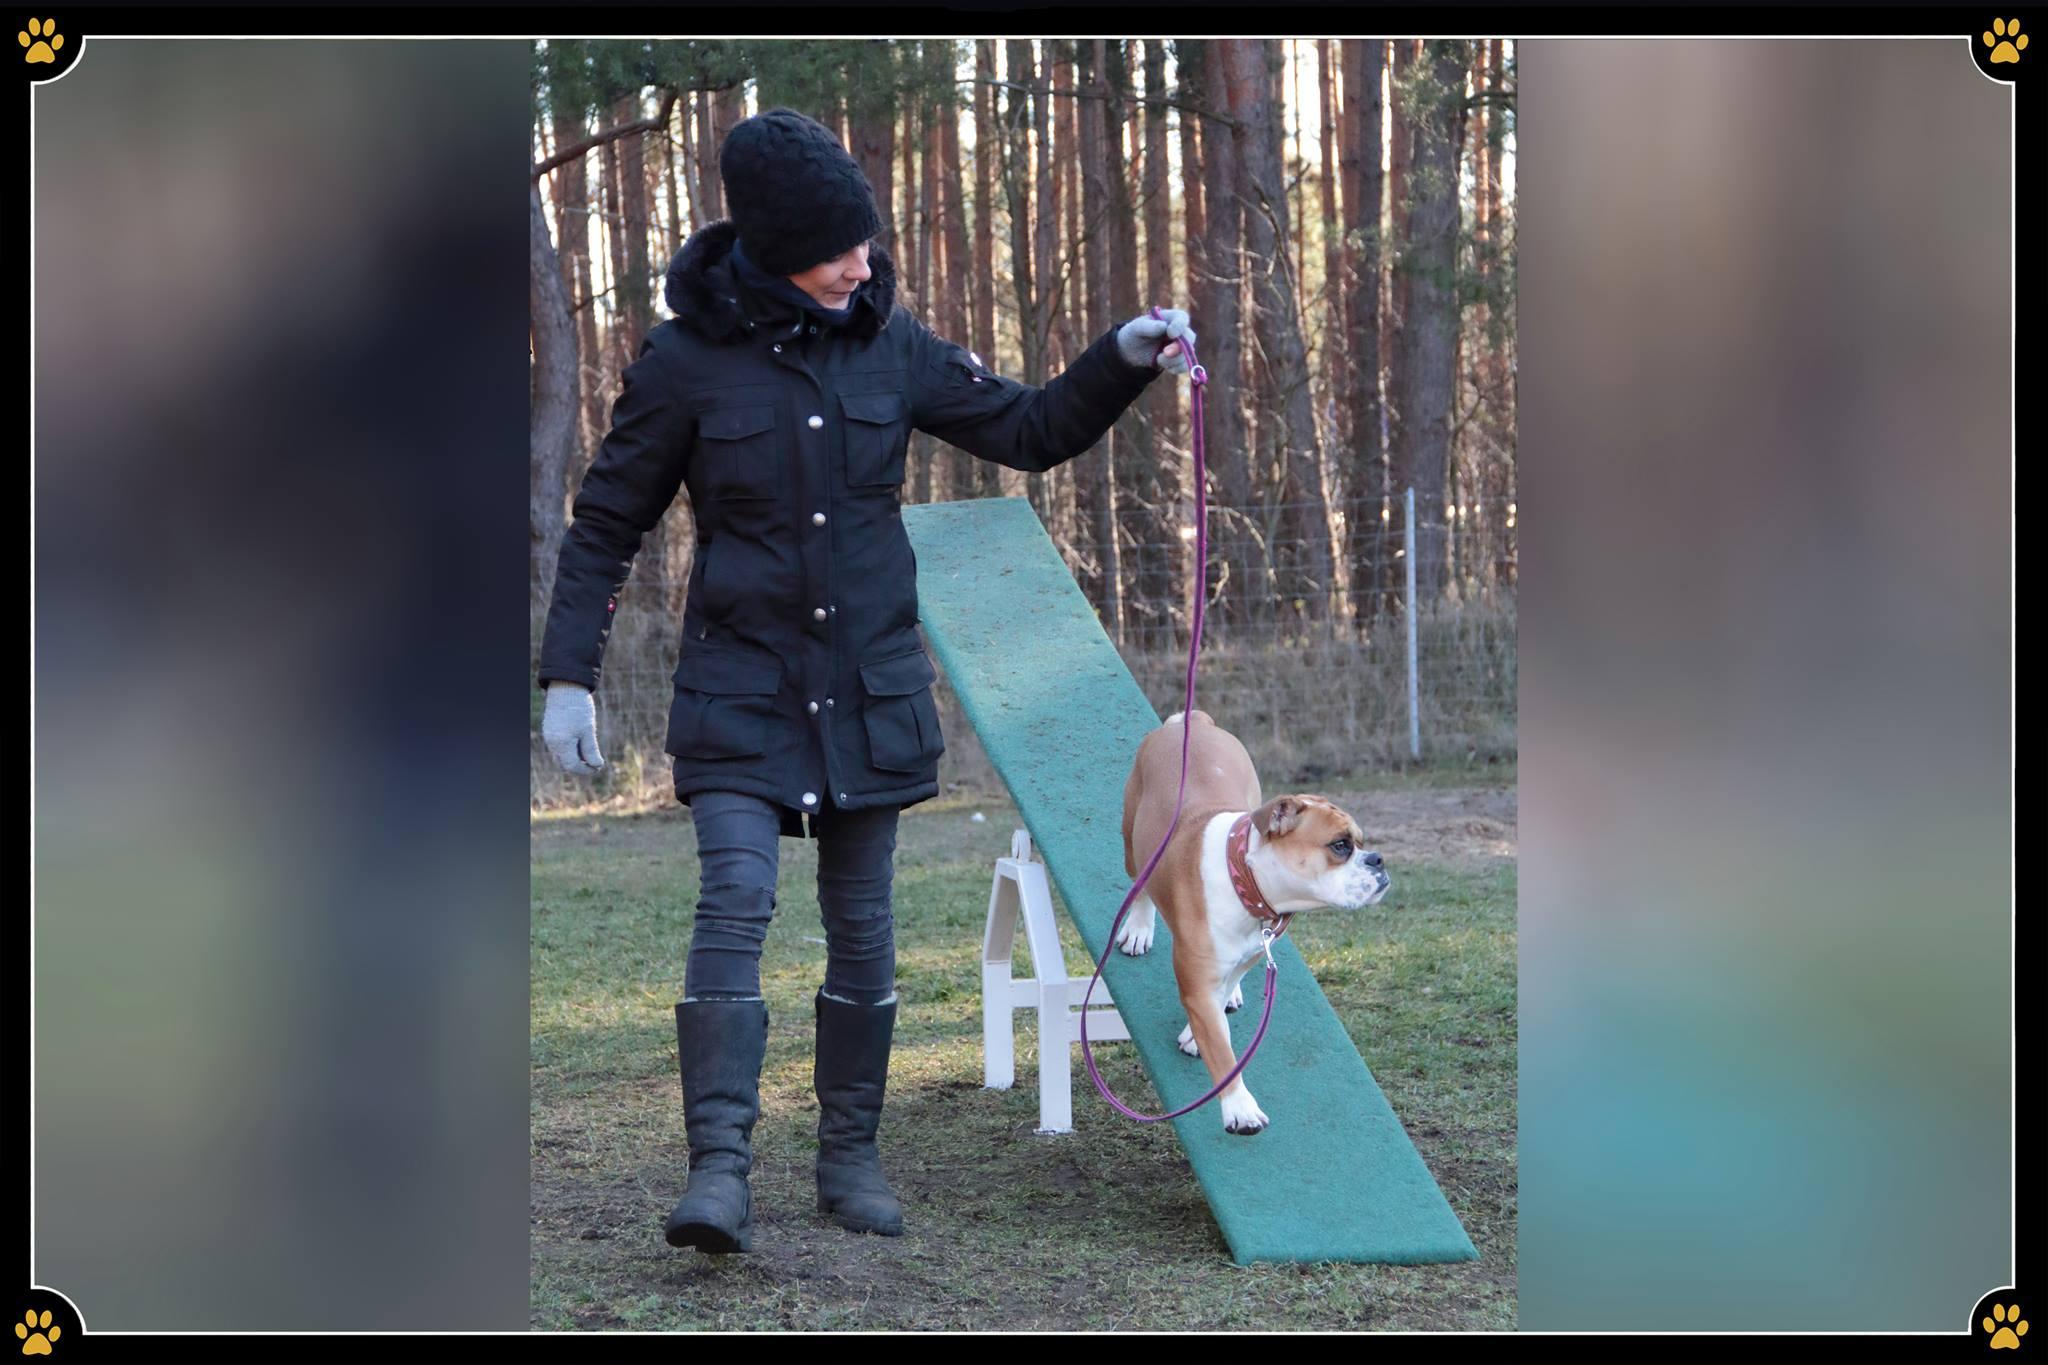 Die Auslastung des Hundes kann viele Gesichter haben - Auch Vertrauensarbeit, in welcher der Hund sich auf seinen Menschen verlässt, schafft neben der Beschäftigung auch Bindung.🐾 Je mehr man sich mit dem Hund beschäftigt, umso intensiver und stärker werden das Vertrauen und die Bindung. 💛Positiver Nebeneffekt: ausgelastete Hunde entwickeln weniger Unarten, wie Möbel benagen, ständiges Kläffen oder das Zerren an der Leine. Der Hund wird sich auf die Arbeit mit seinem Menschen freuen und sieht den Menschen als Teamleader an, der stets für Regeln und Ordnung, aber auch für jede Menge Spaß verantwortlich ist. 💪😄